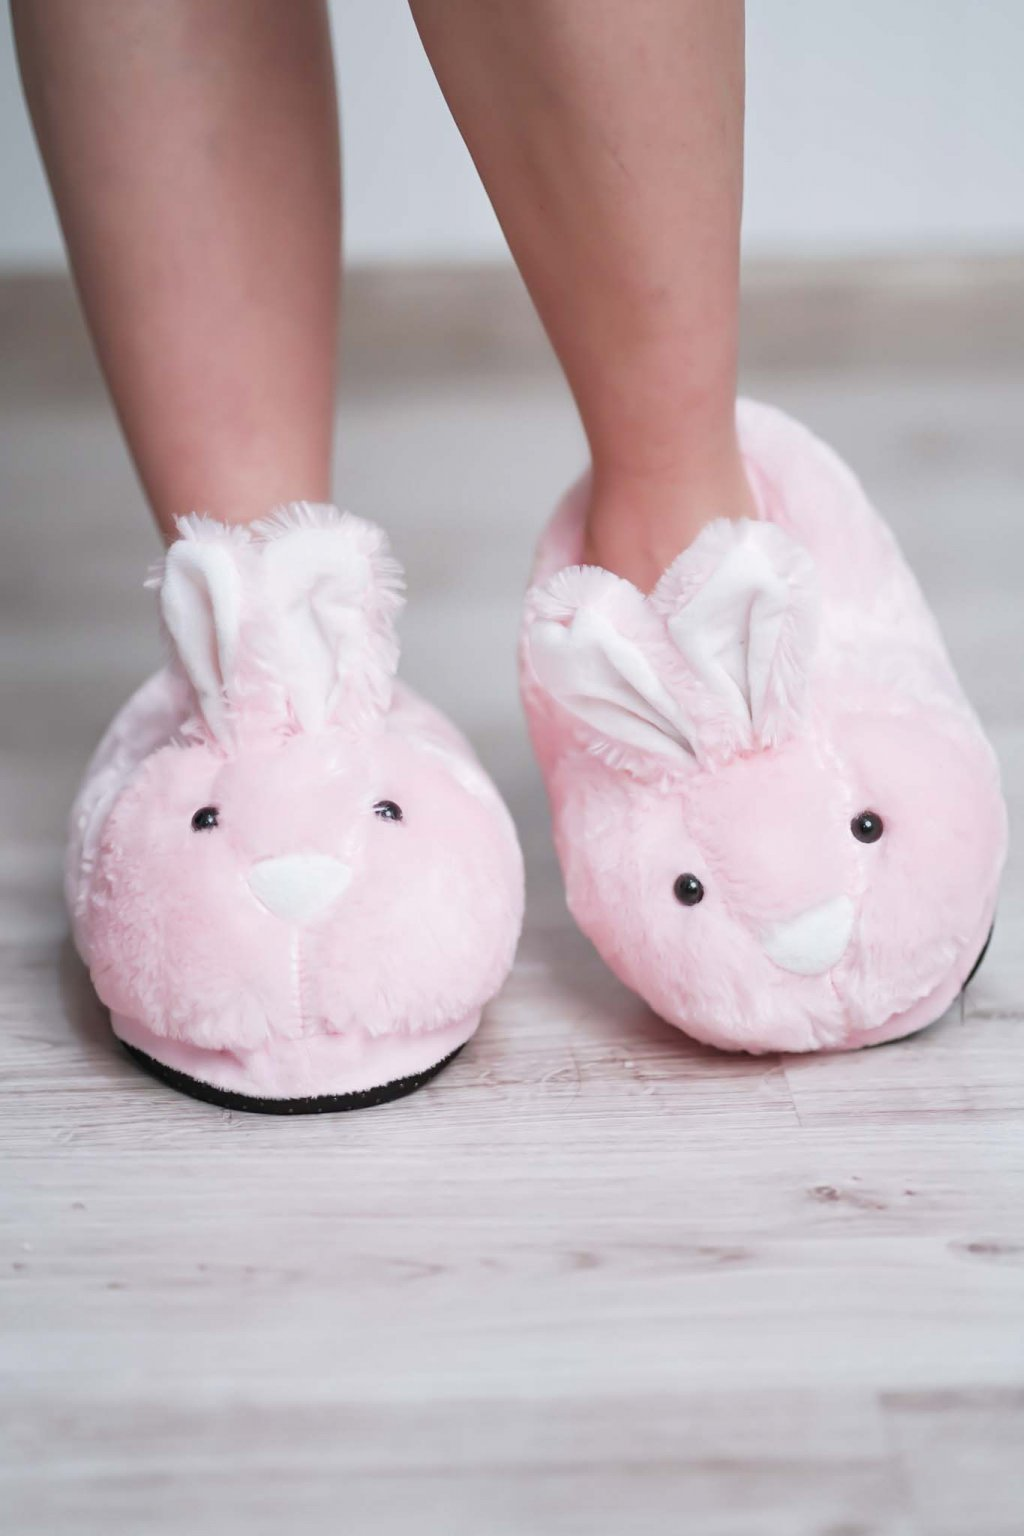 šľapky, papučky, papuče, espadrilky, spoločenska obuc, obuv na bežny deň, letná obuv, darček pre ňu, 119